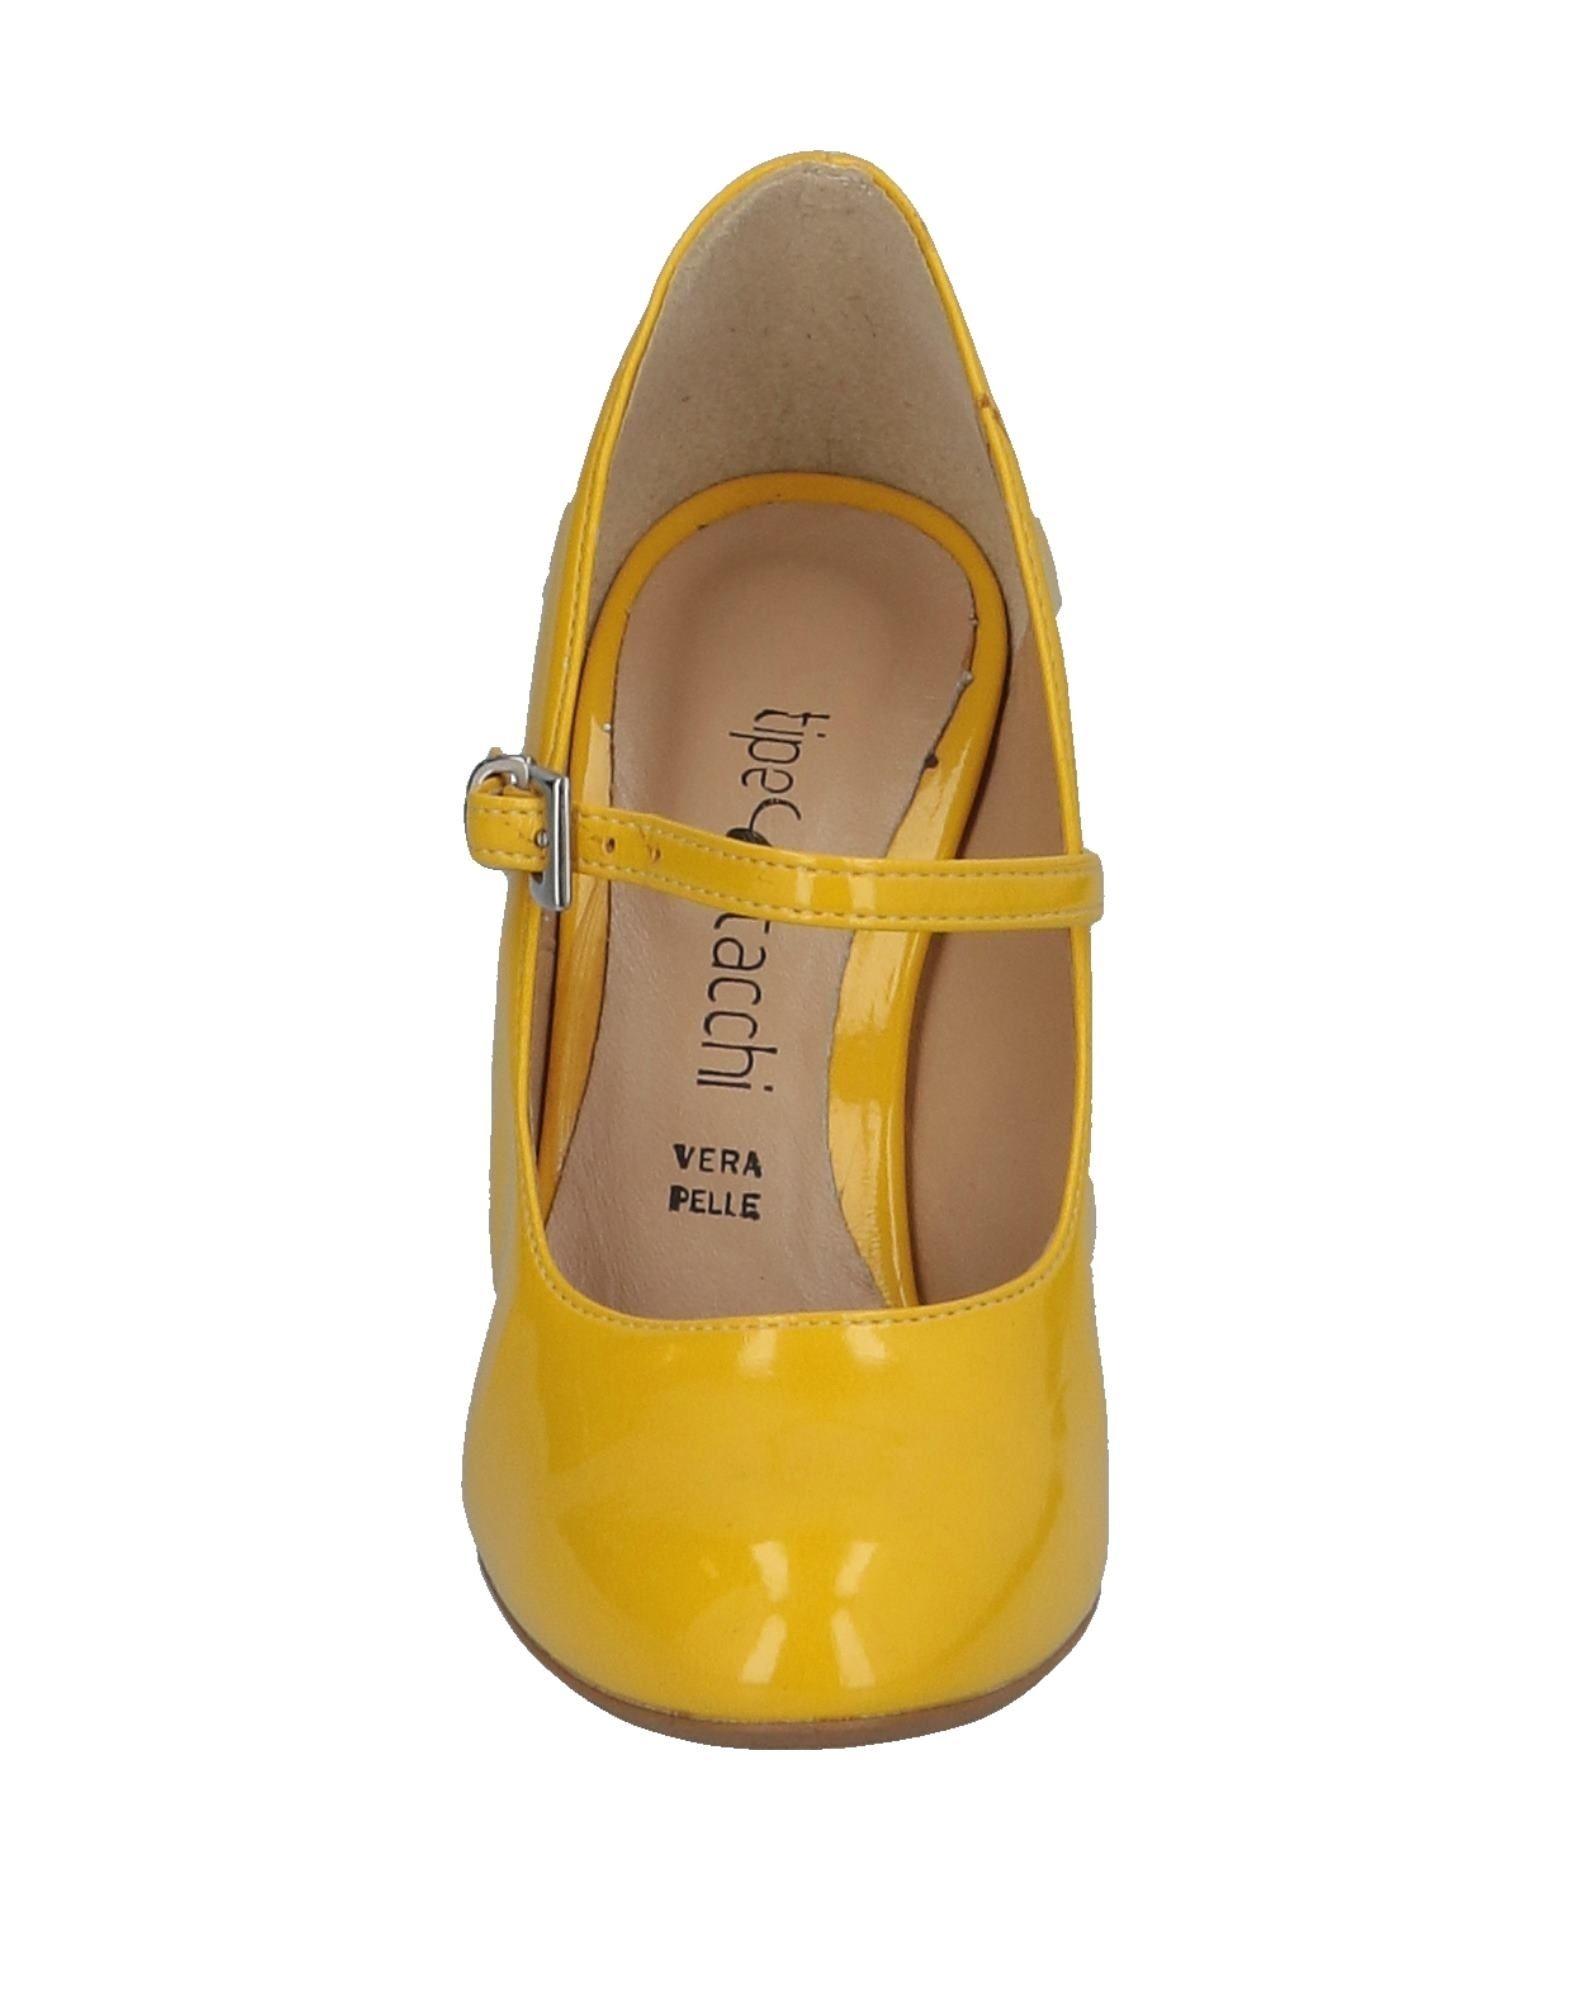 Tipe 11532816BF E Tacchi Pumps Damen  11532816BF Tipe Gute Qualität beliebte Schuhe e9d1da